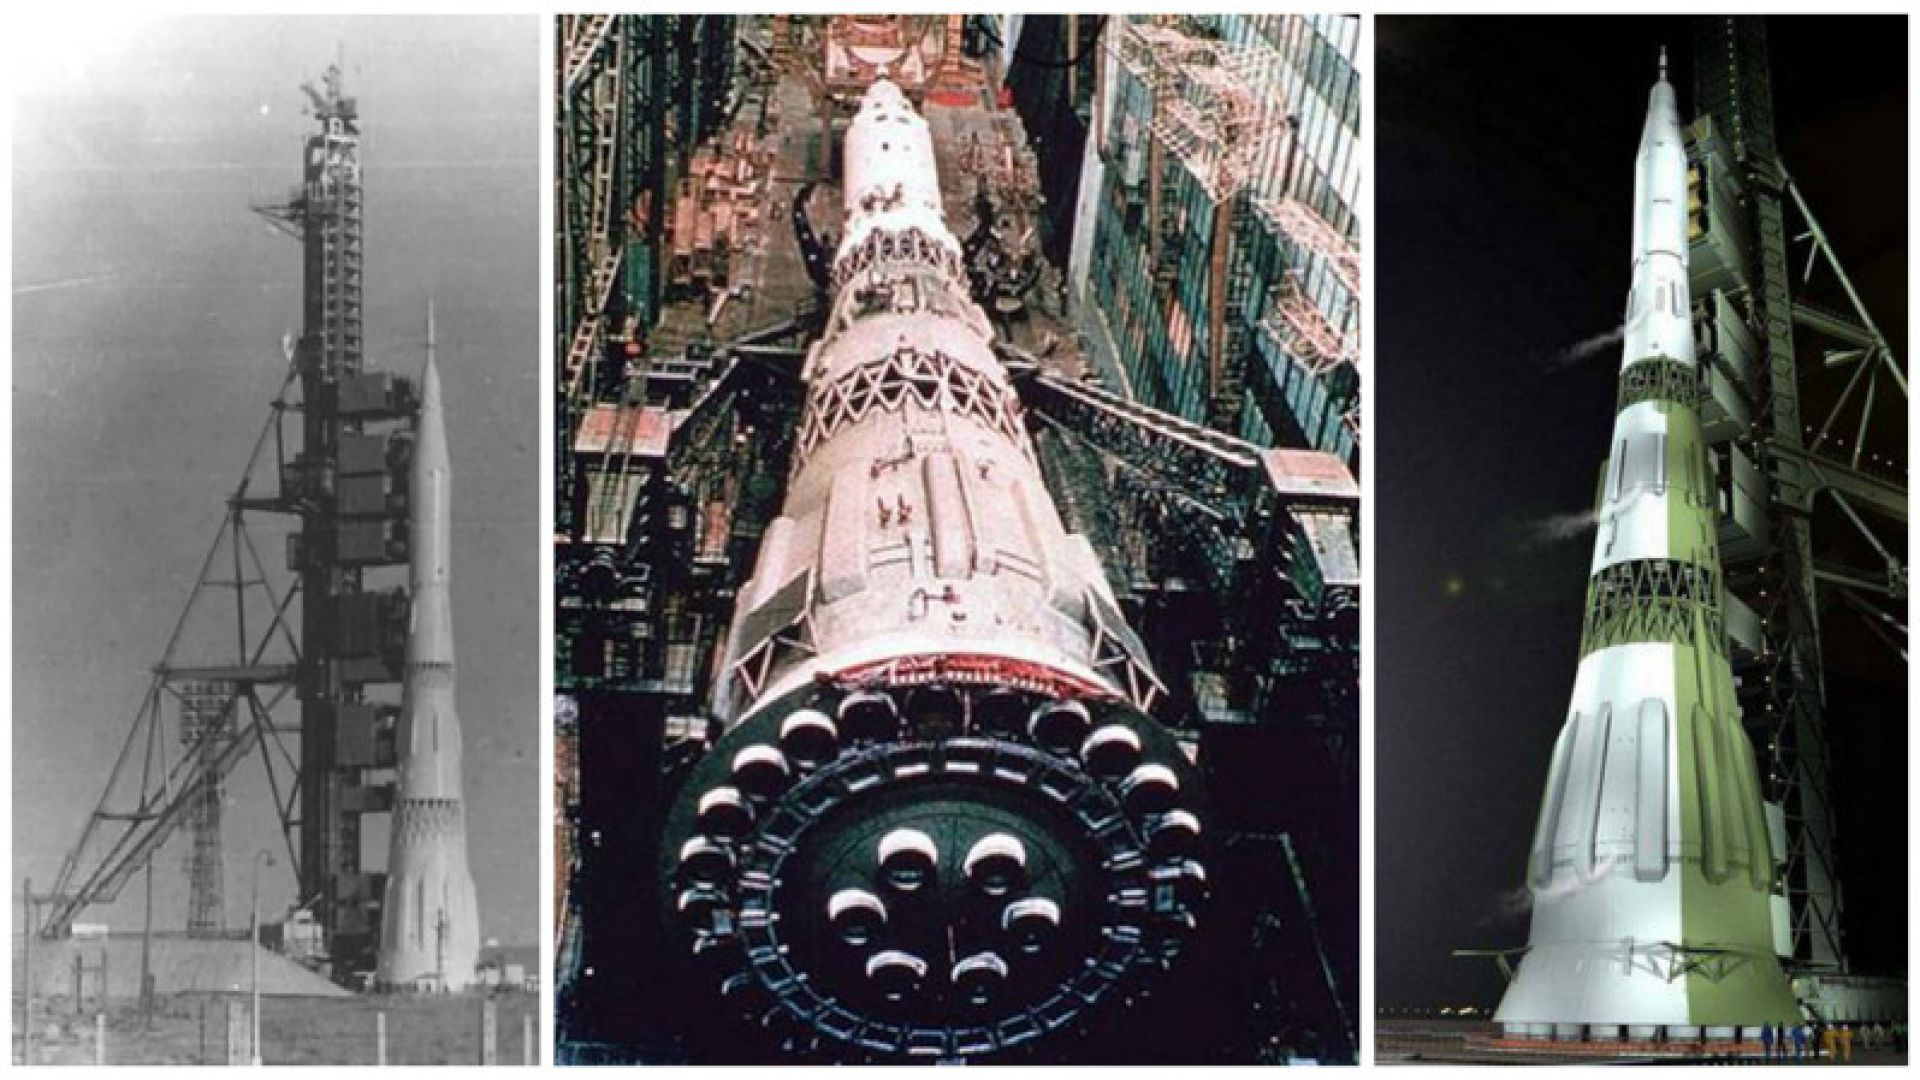 Двигателите на Н-1 еволюират в РД-180 - най-мощният четирикамерен ракетен двигател, който се ползва днес от НАСА